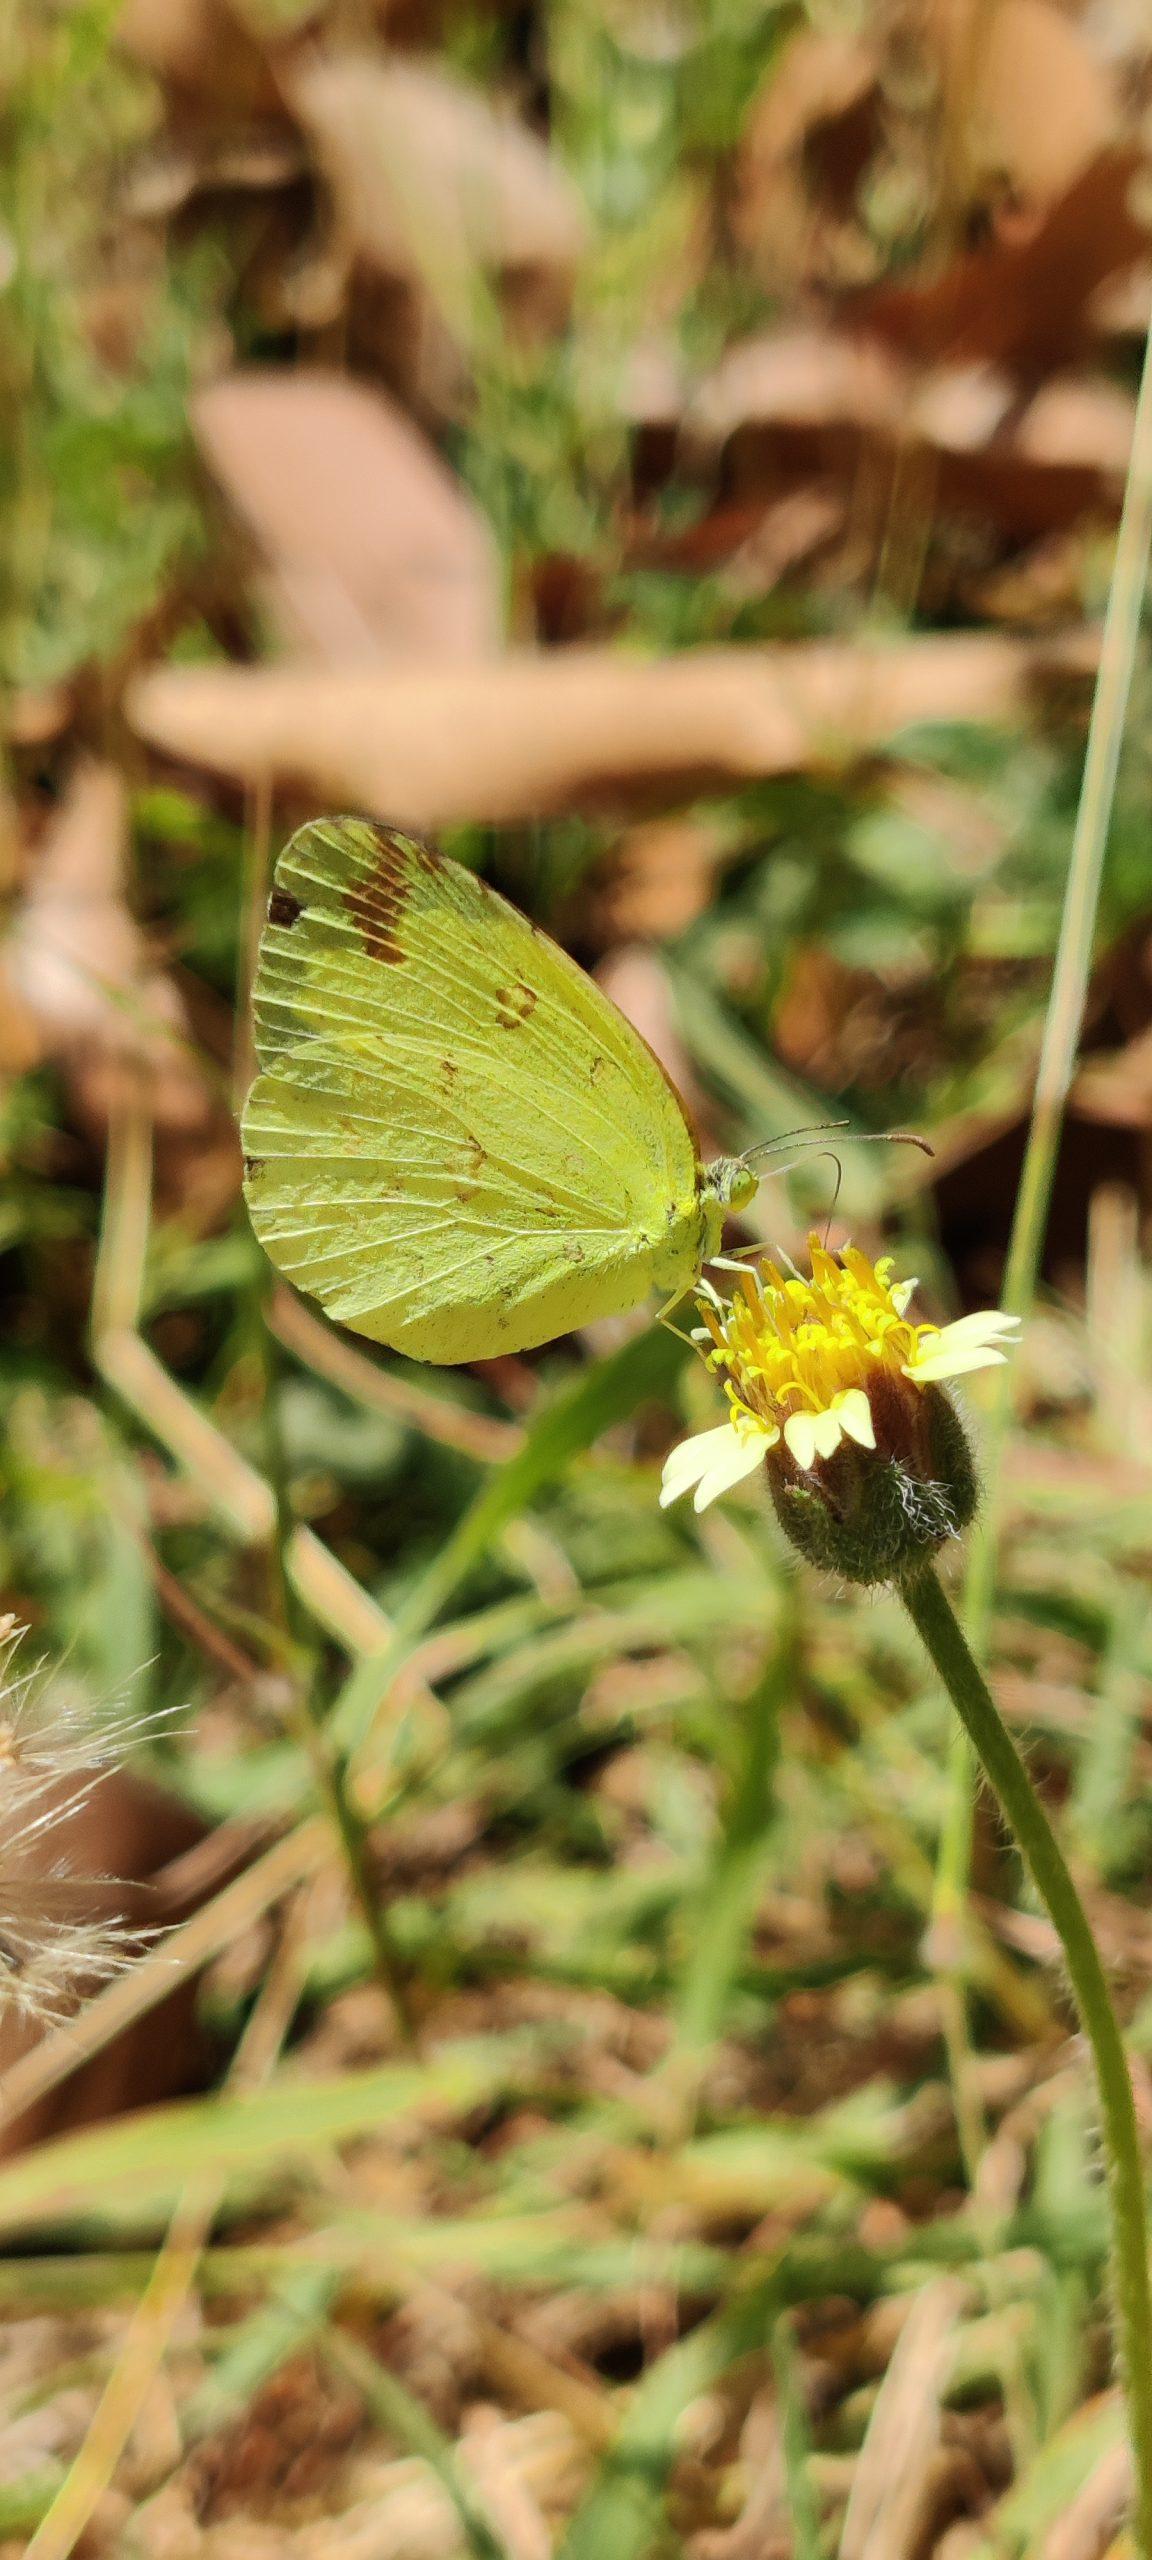 Butterfly on flower bud